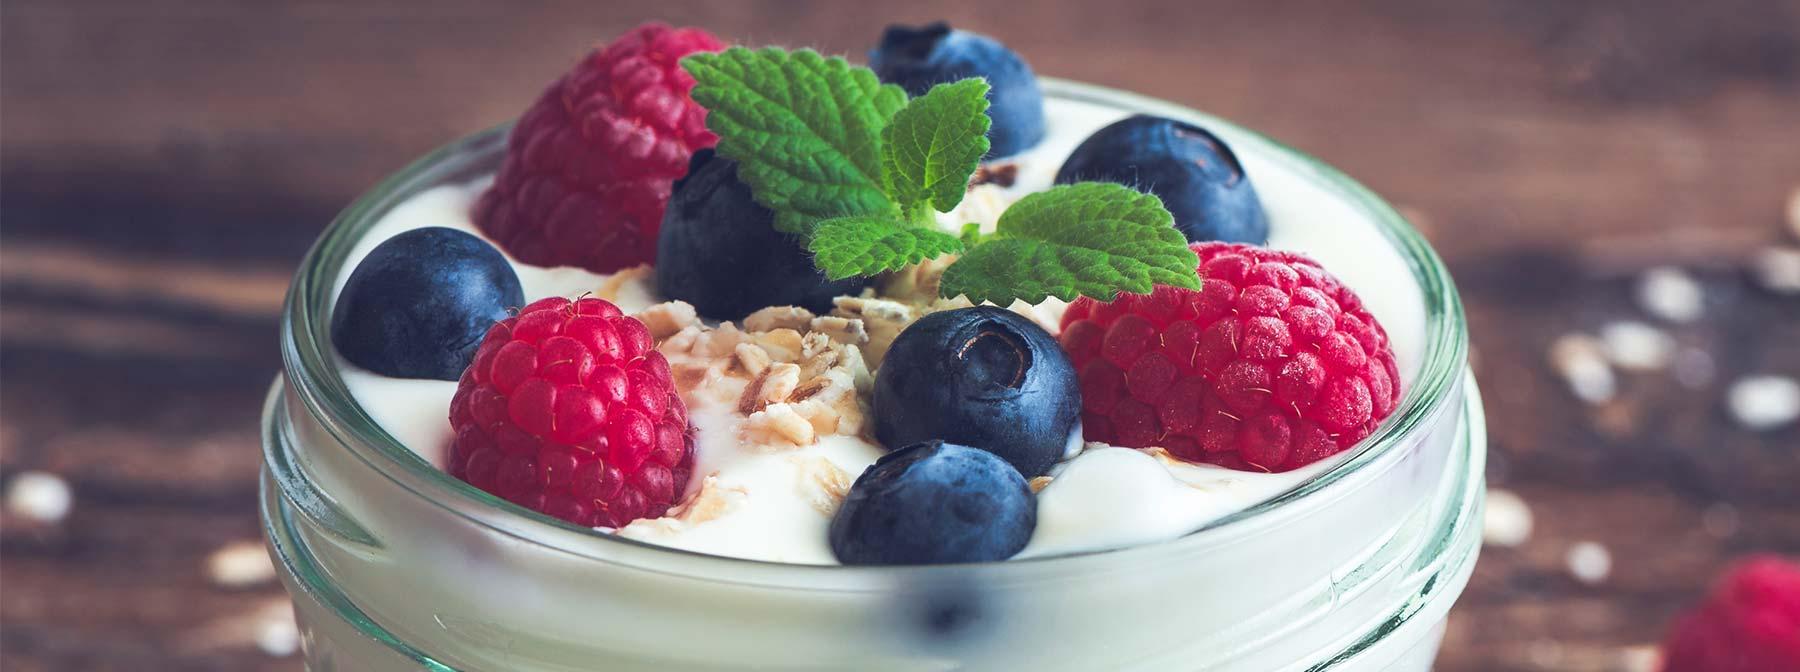 Colazione salutare? 3 idee top